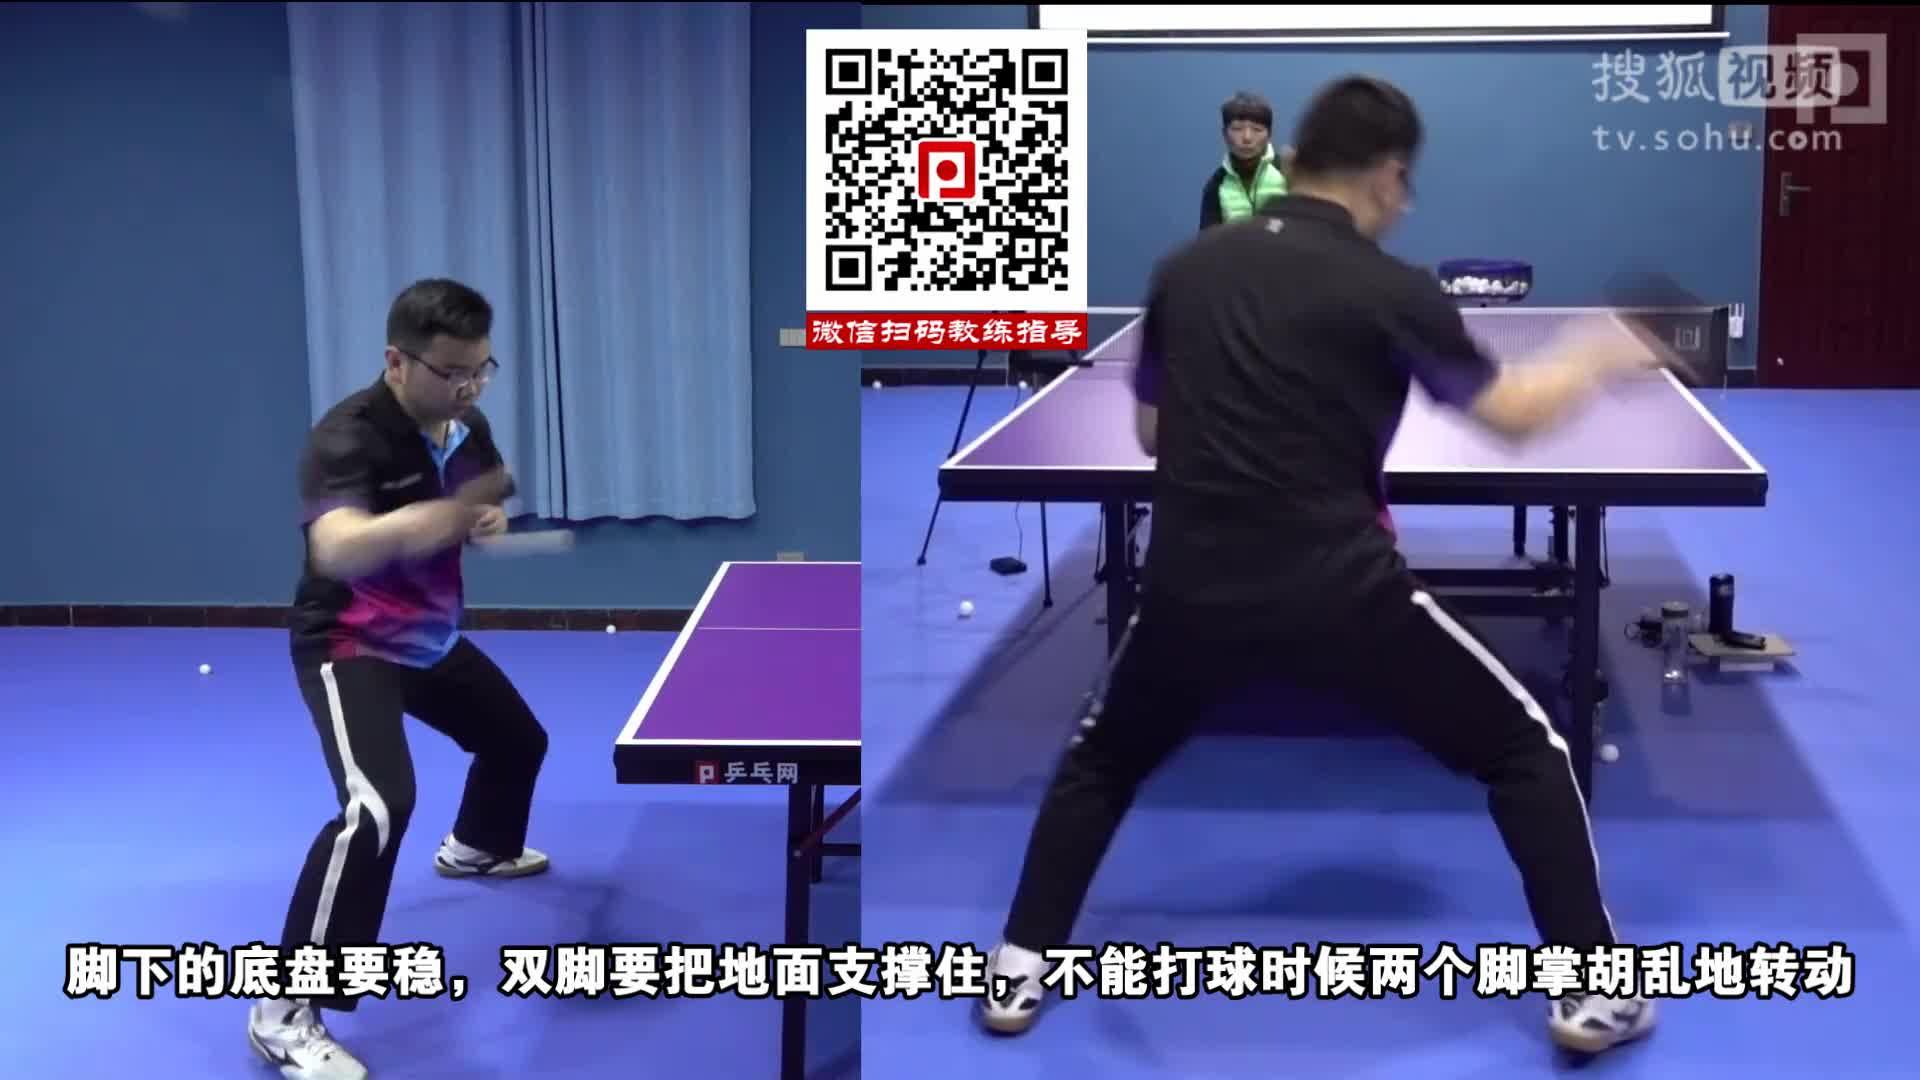 《乒乓球训练日记》第27集:正手连续发力打 湿父示范 乒乓球培训